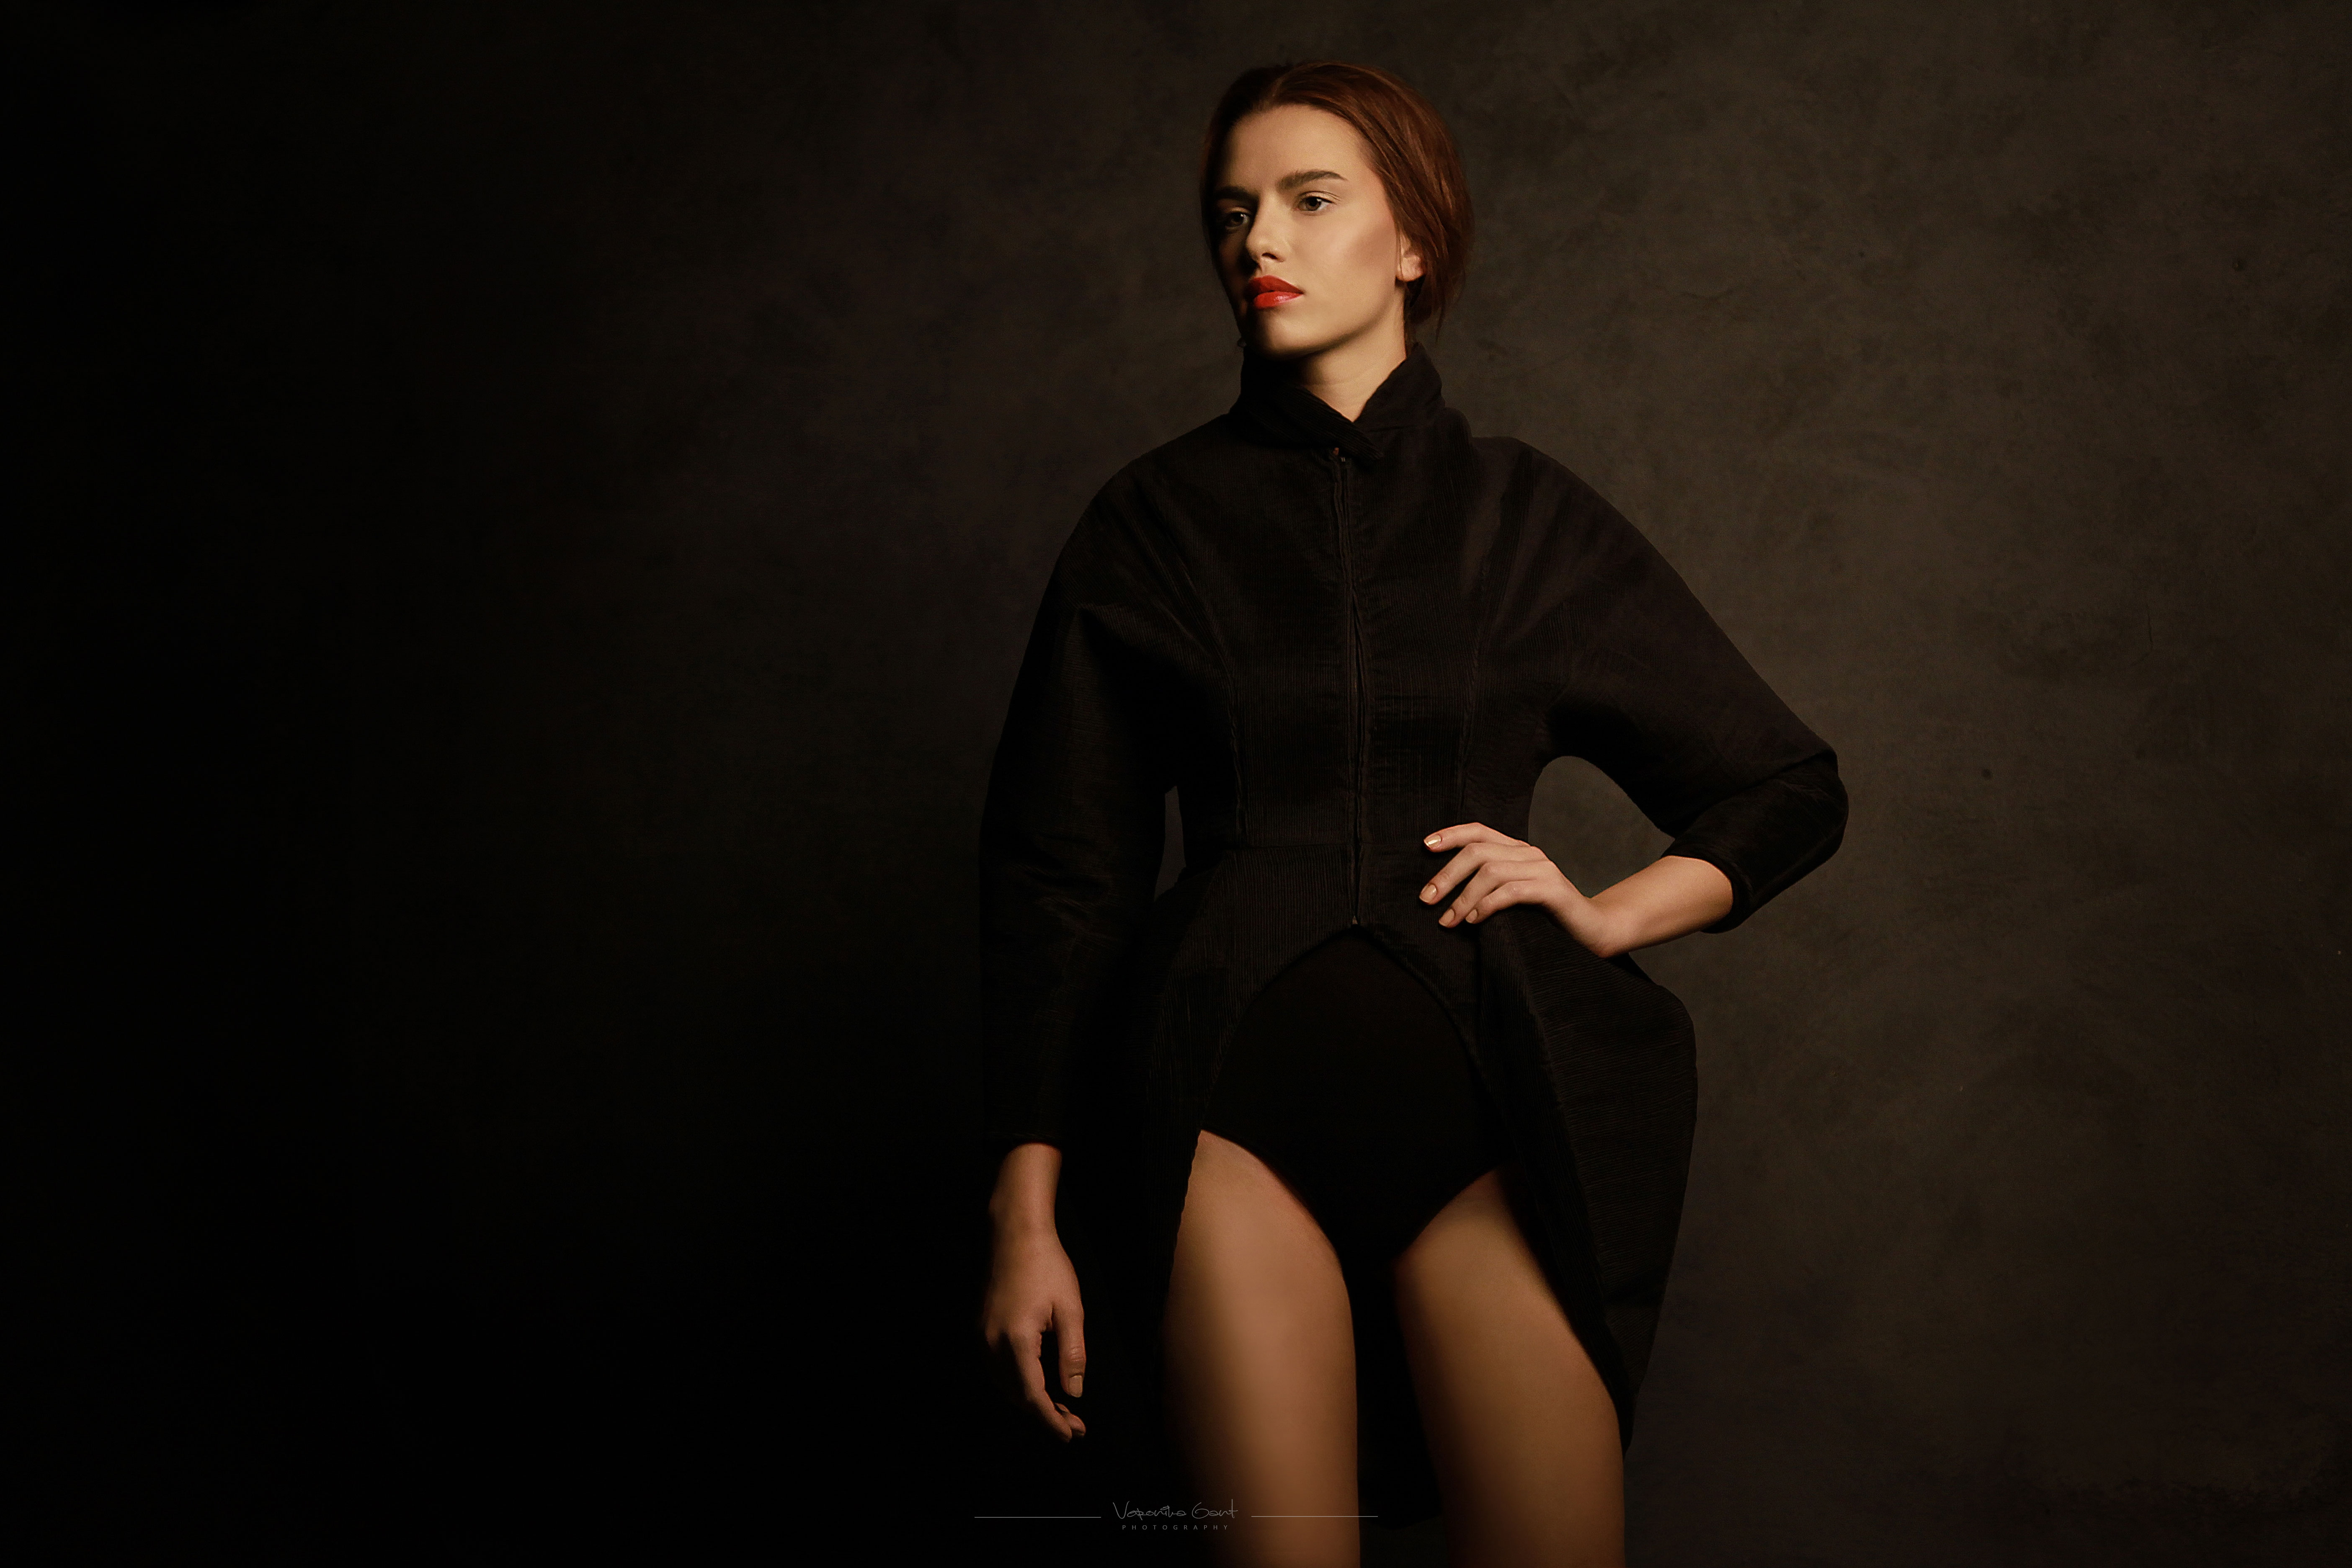 maria-nemcekova-portrait-001